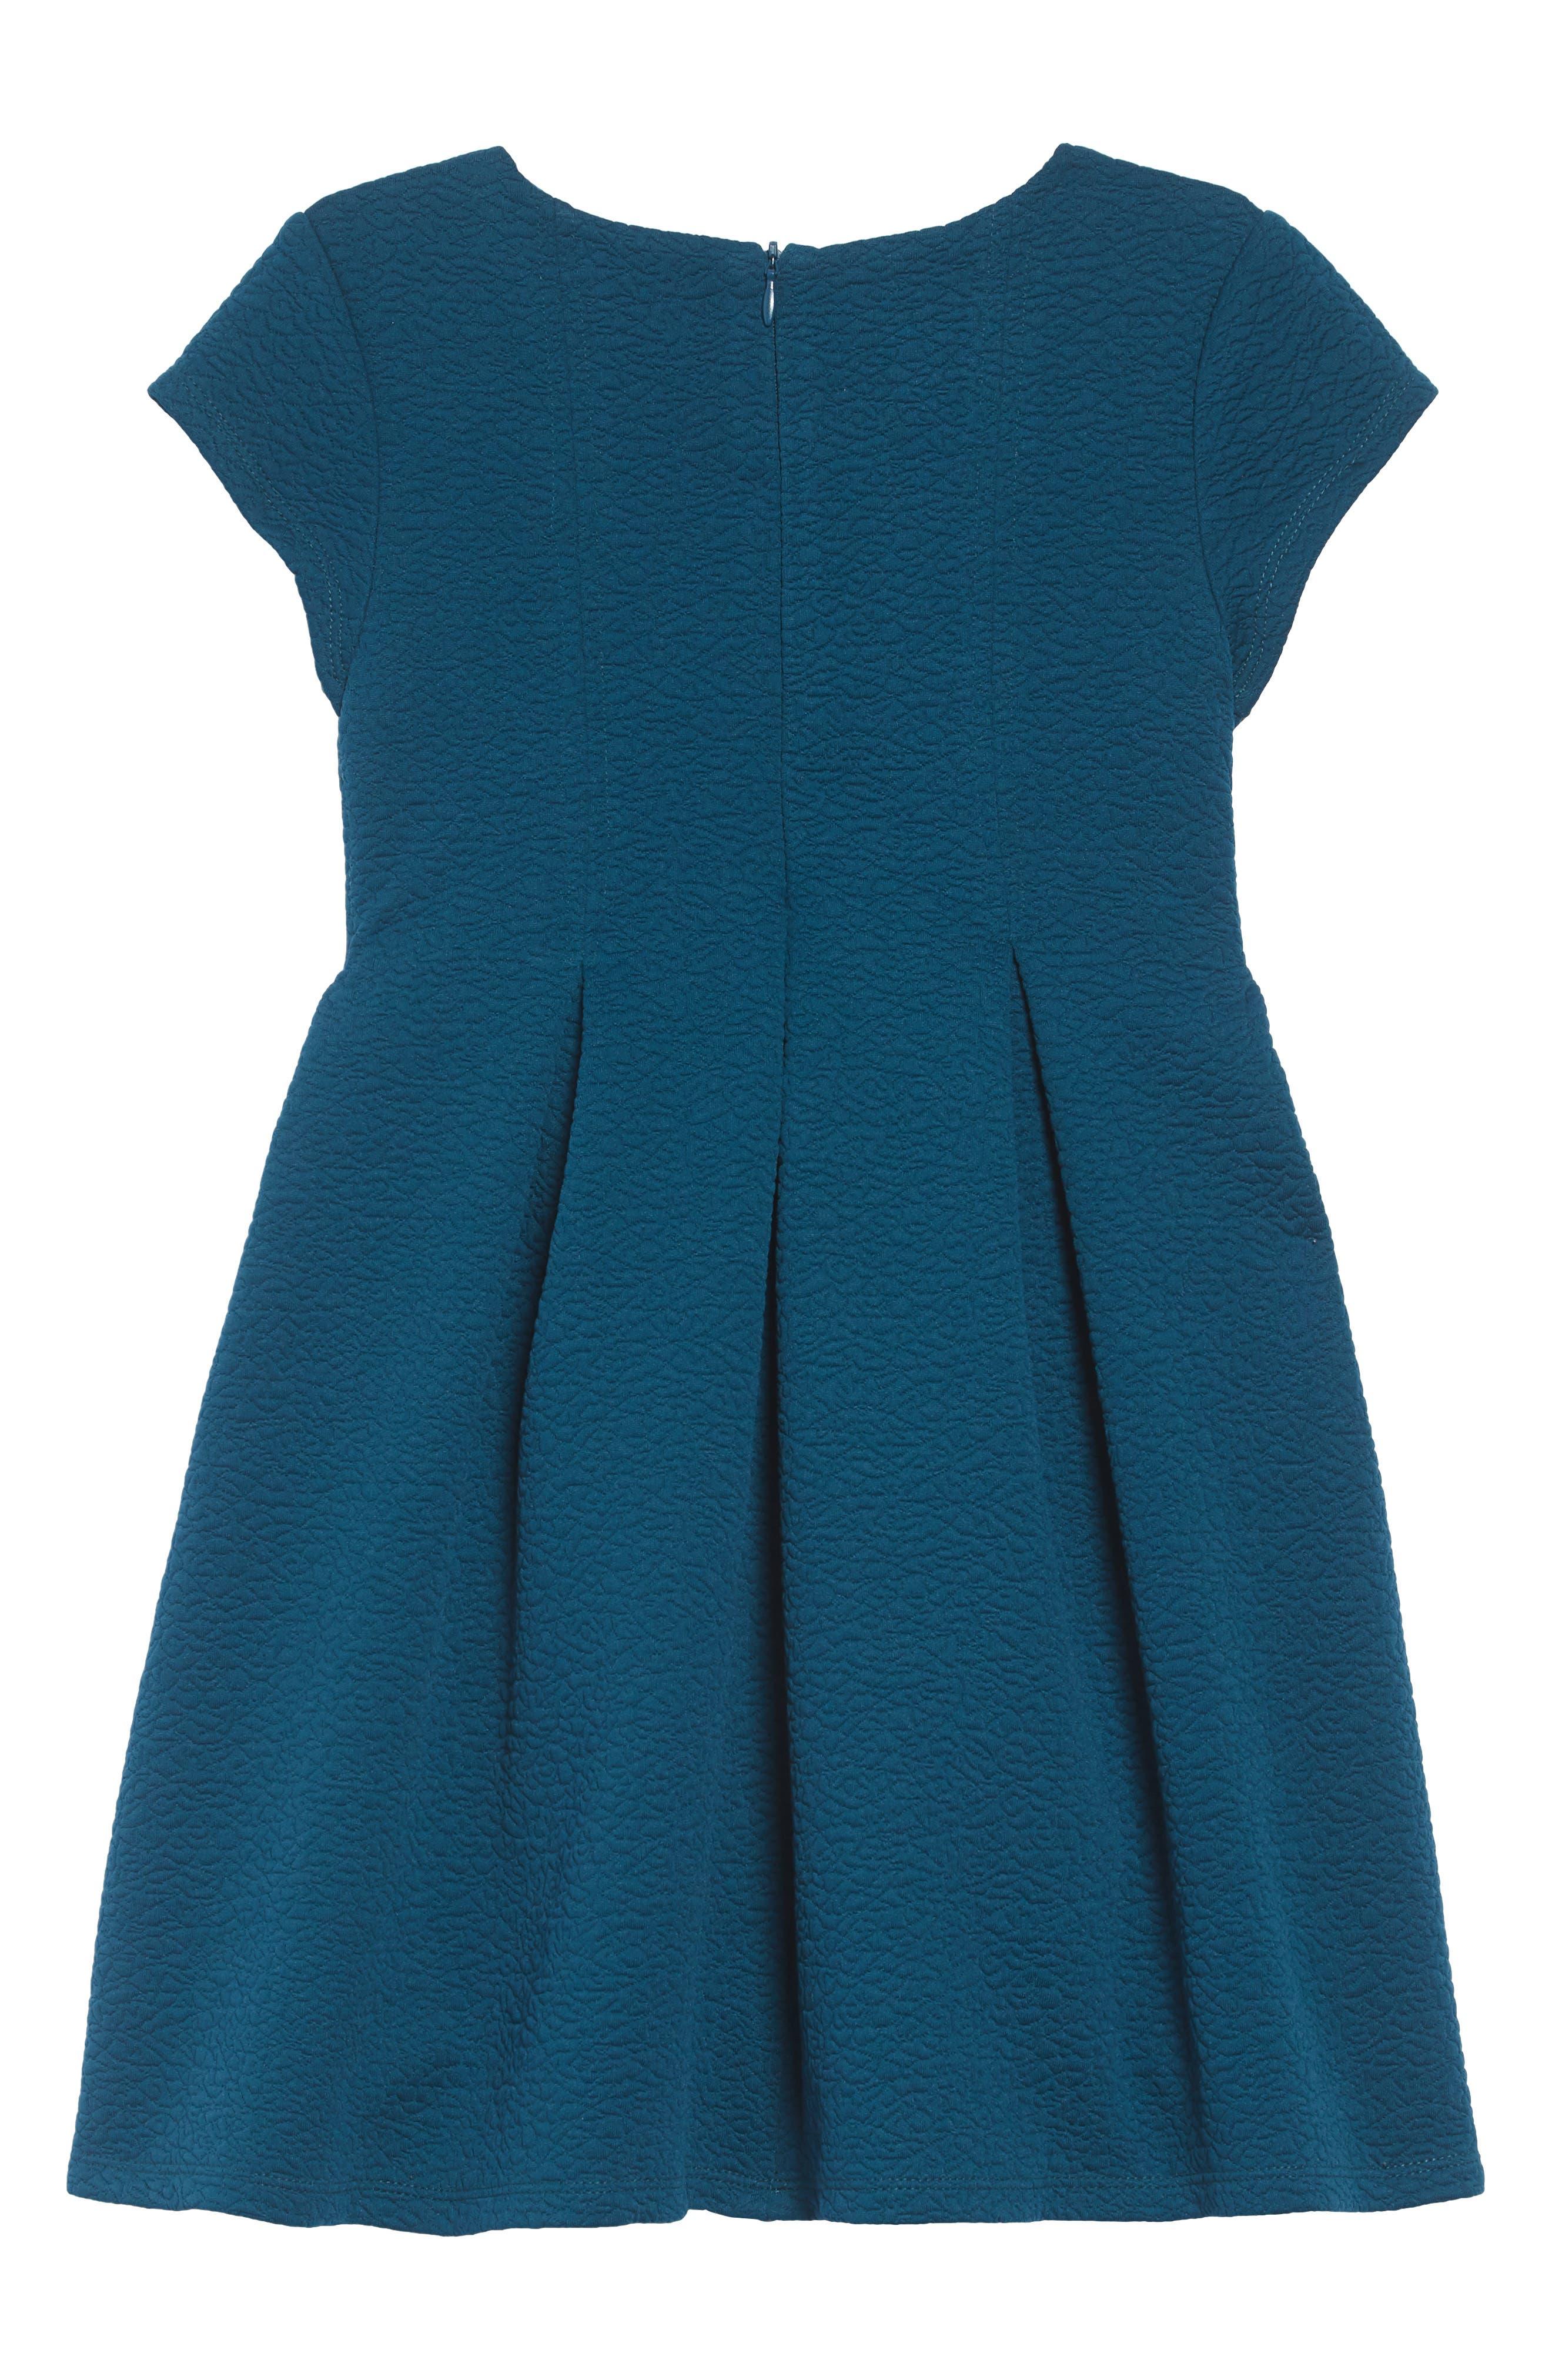 Textured Skater Dress,                             Alternate thumbnail 2, color,                             PEACOCK